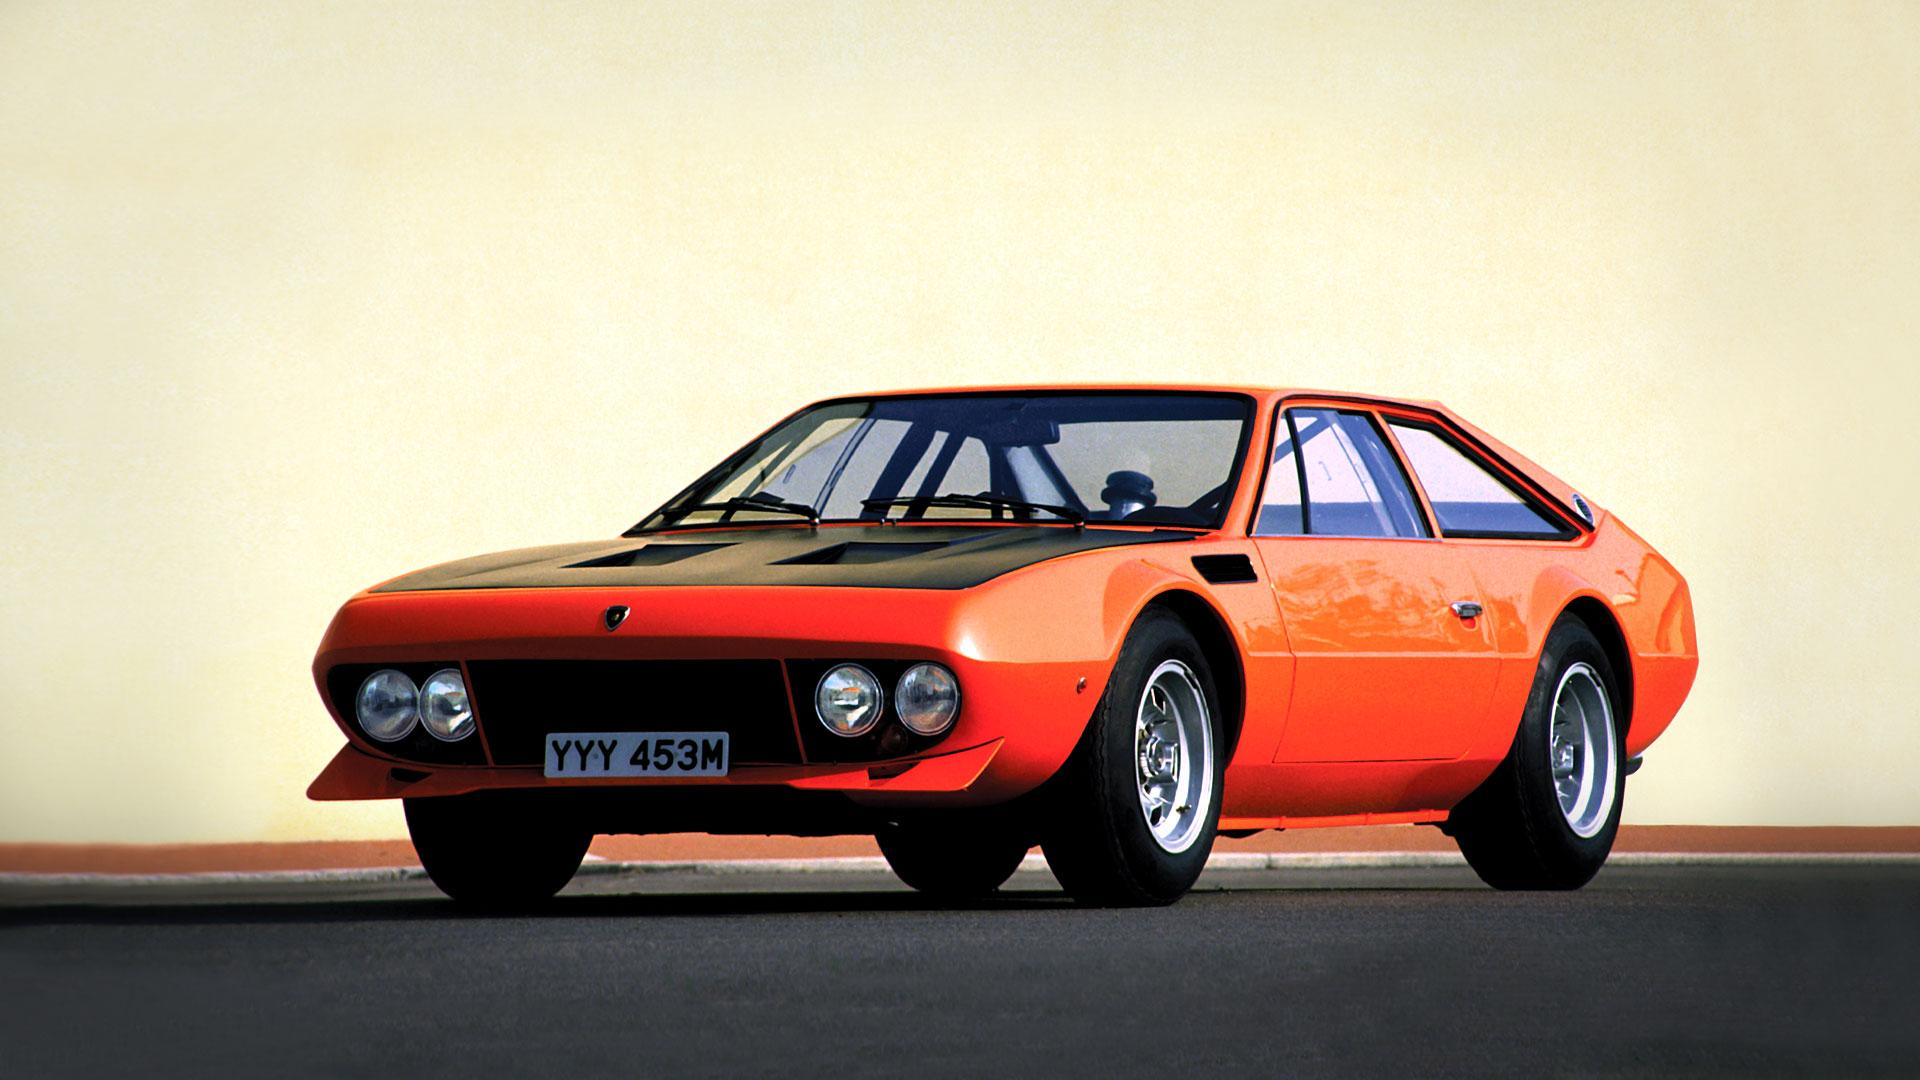 1920x1080 > Lamborghini Jarama Wallpapers